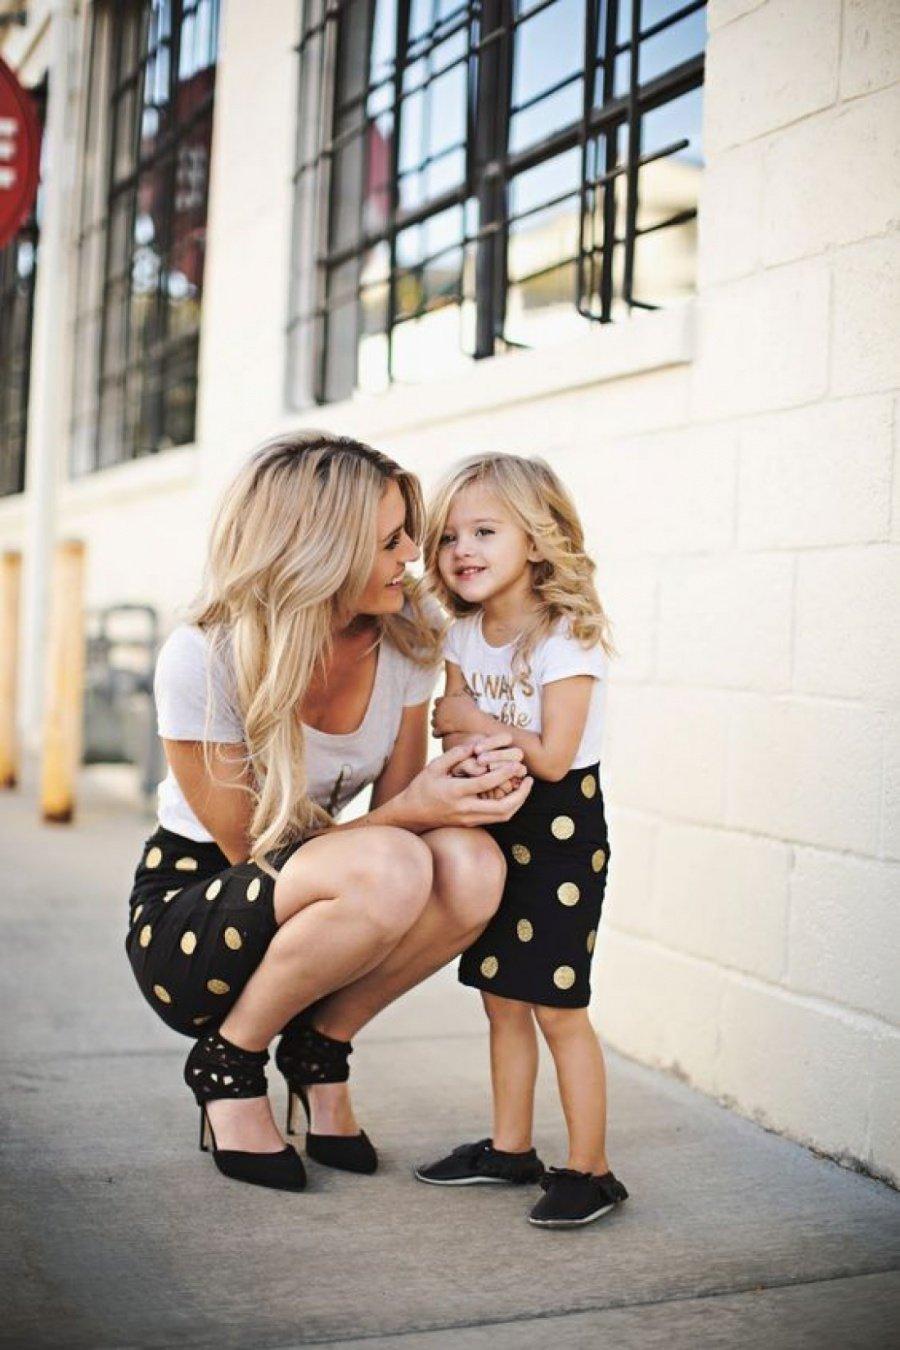 галереи молодых мамочек фото крути, лучшие женские